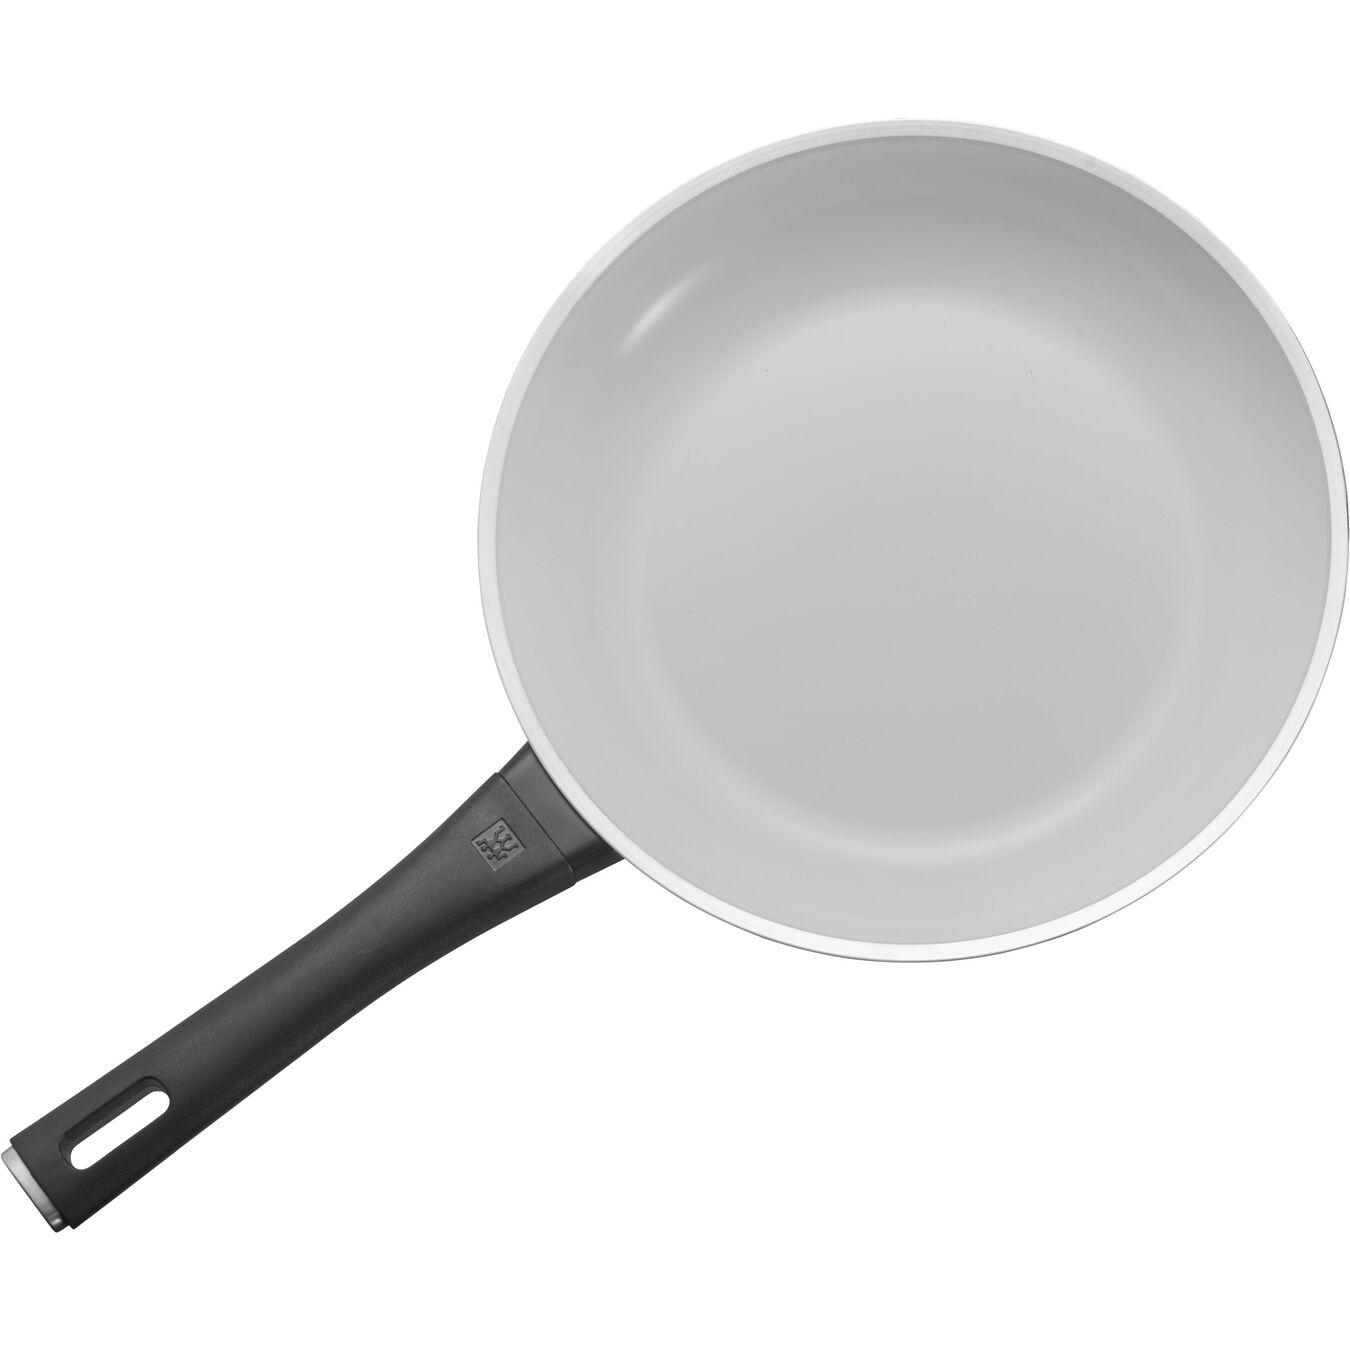 2-pc Fry Pan Set,,large 2